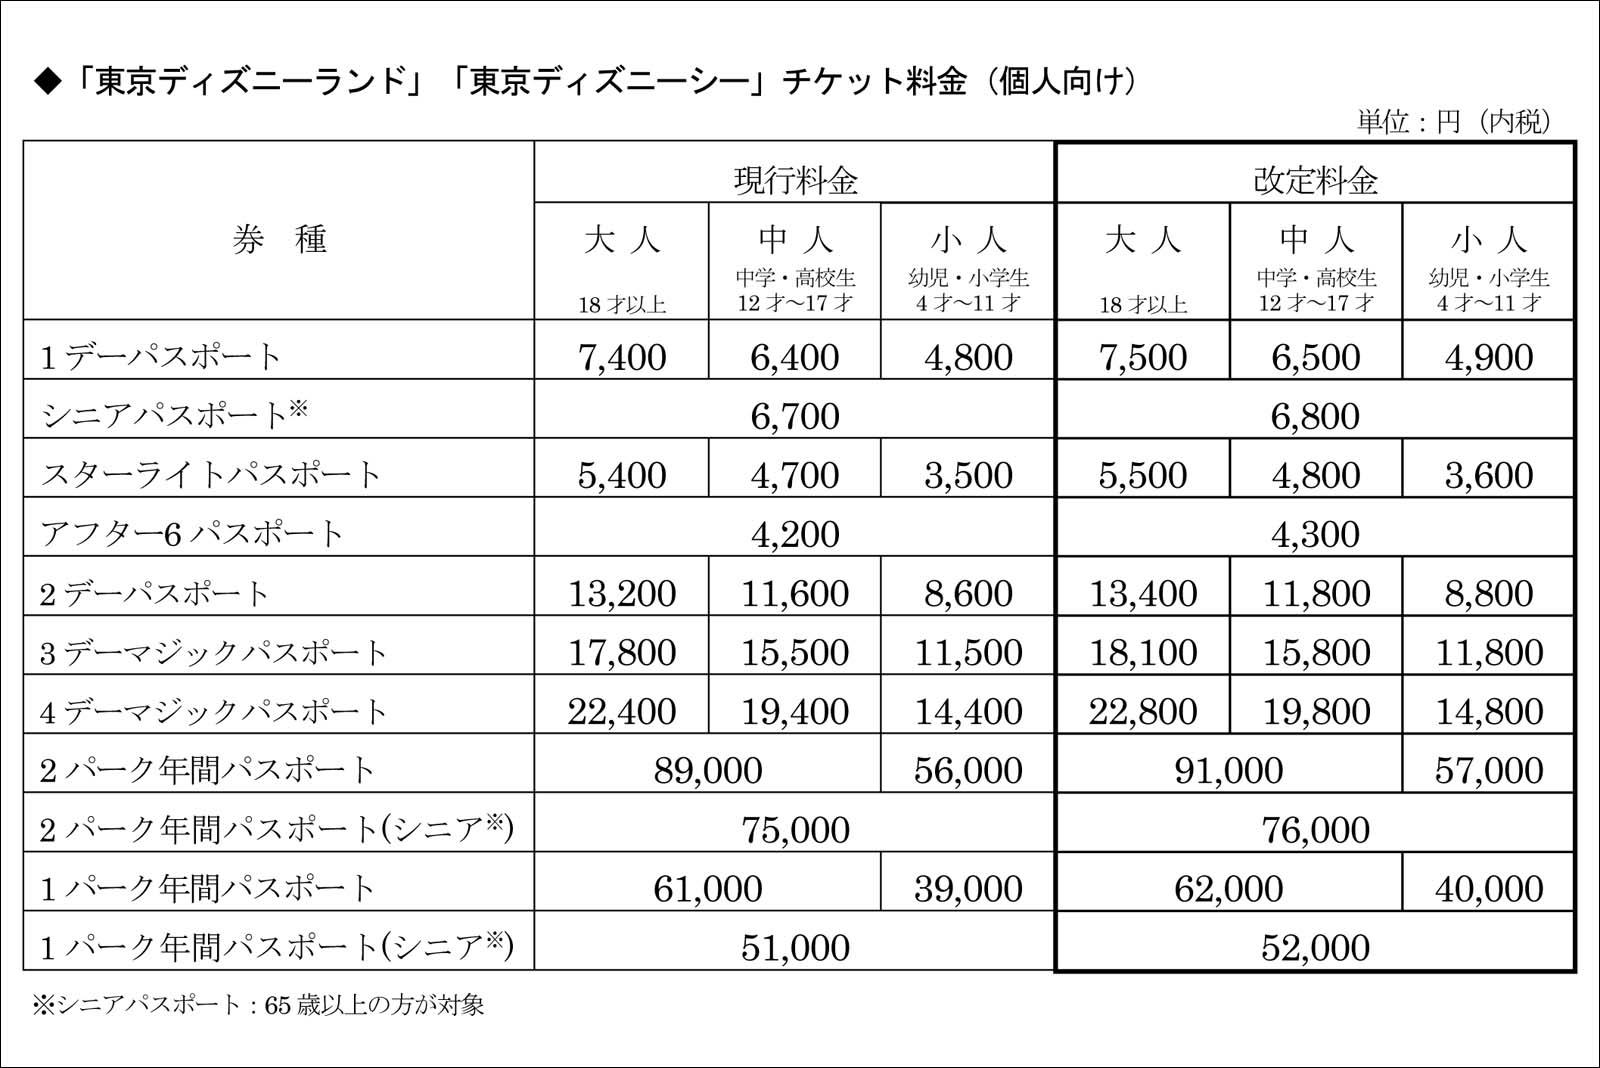 東京ディズニーランド 東京ディズニーシー パークチケット 値上げ 2019年10月1日